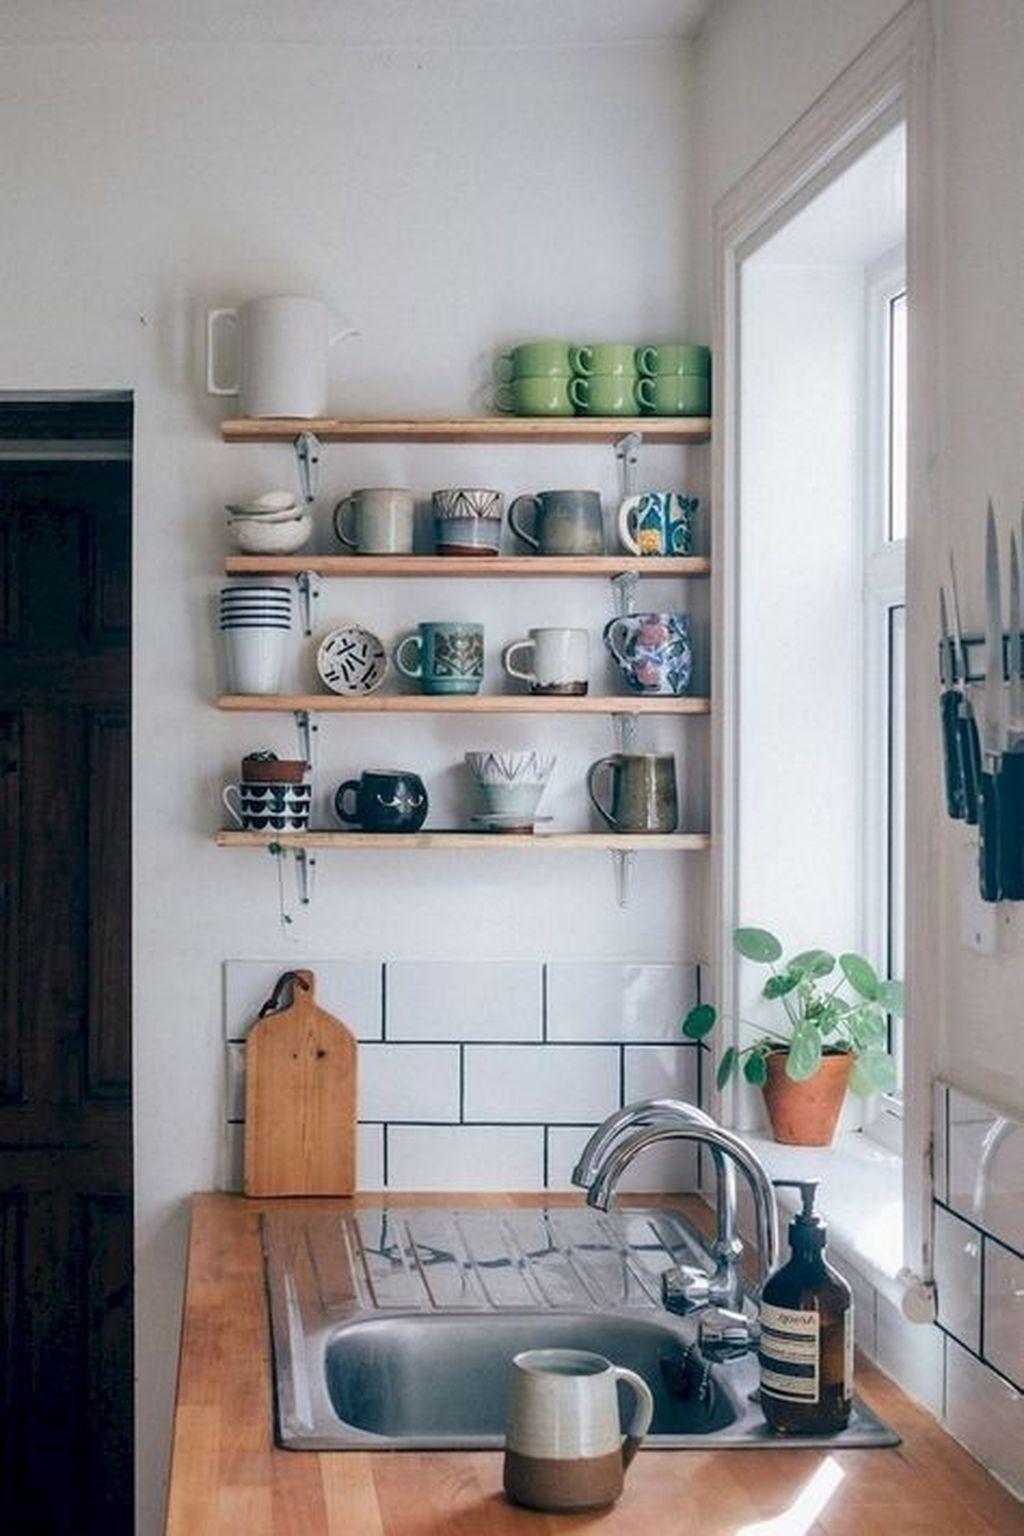 Brilliant Tiny Apartment Decorating Ideas You Should Copy 26